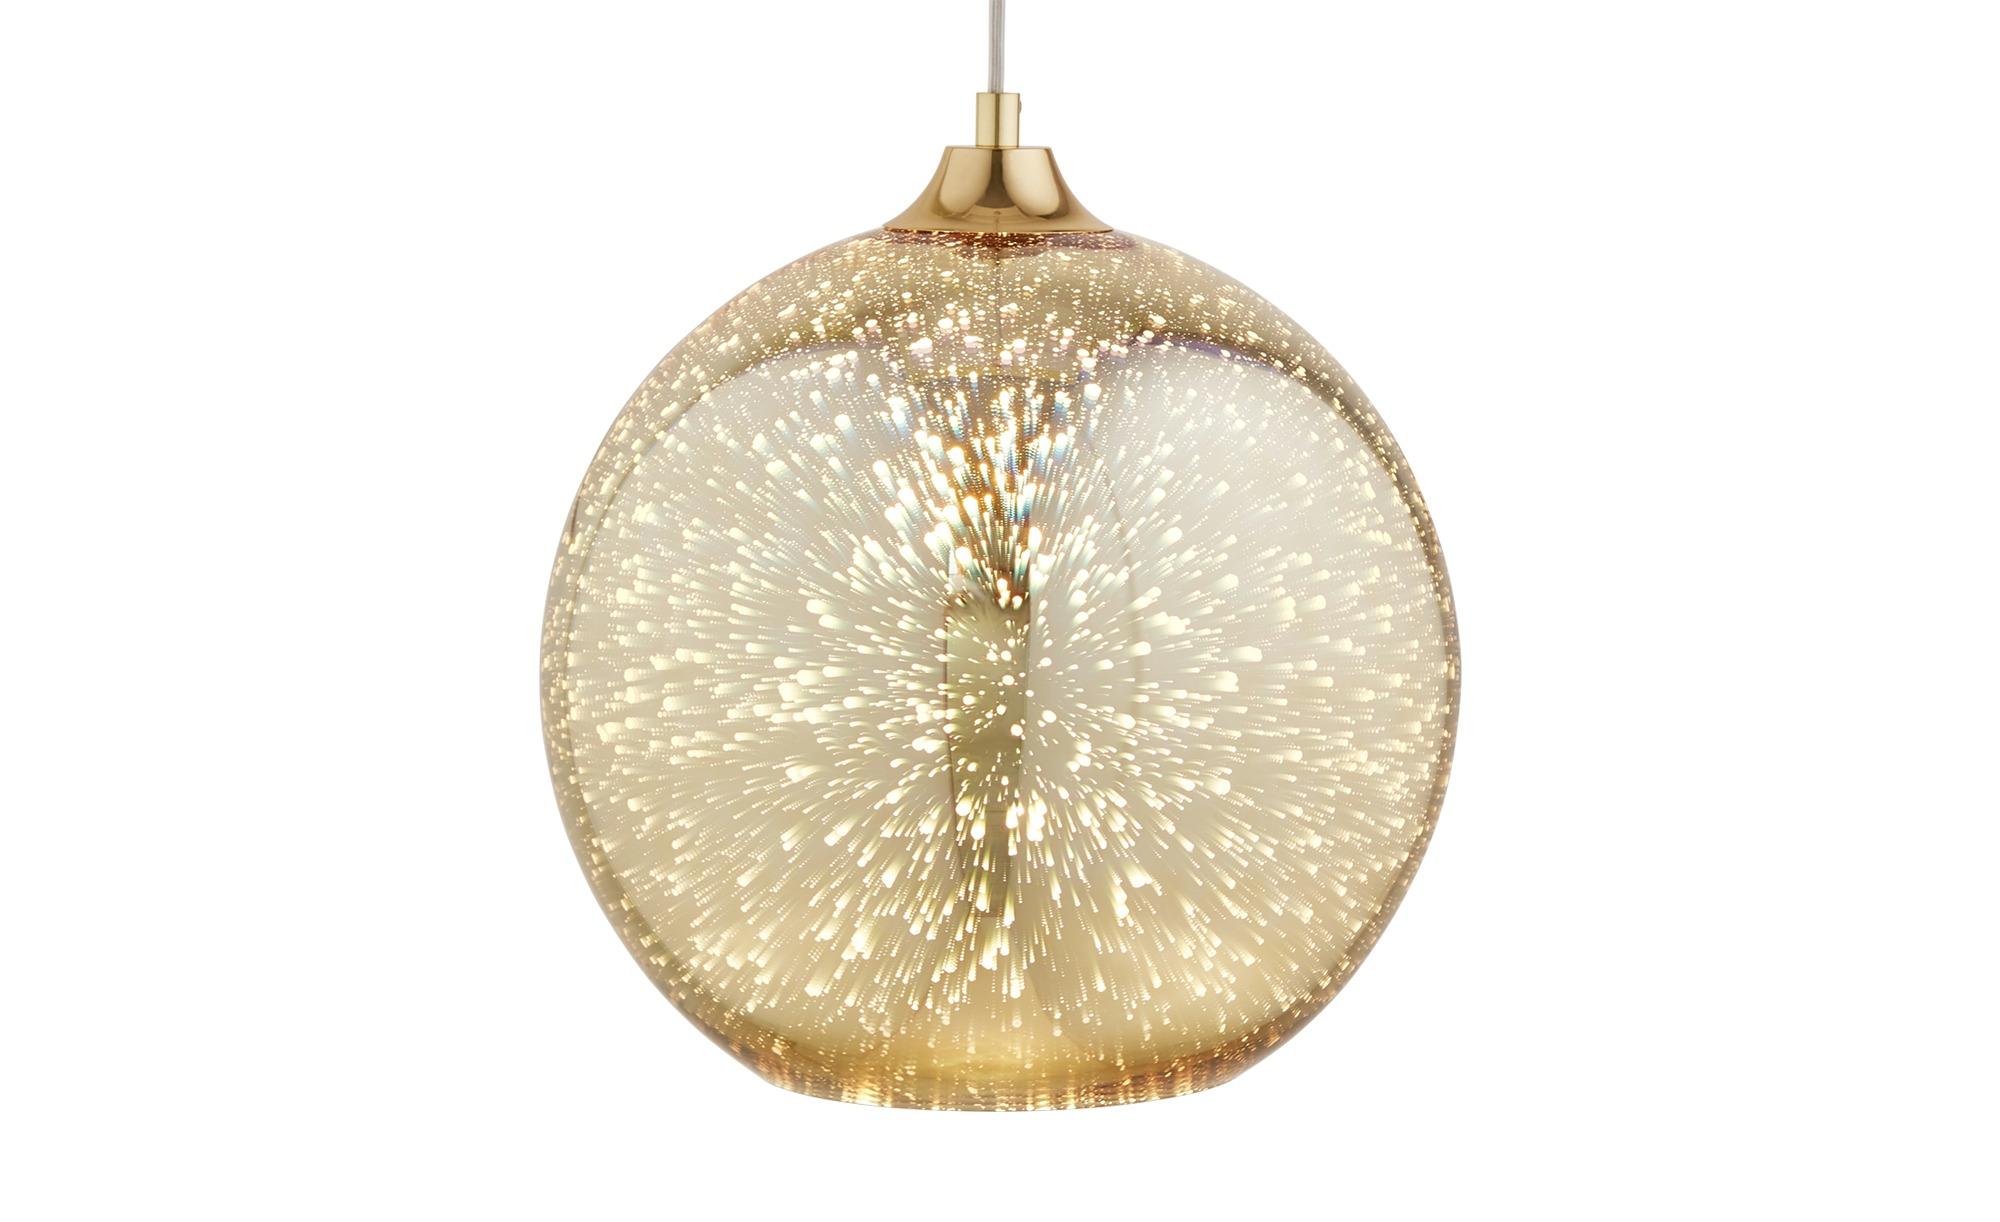 HOME STORY Pendelleuchte, 1-flammig goldfarben ¦ gold ¦ Maße (cm): H: 150 Ø: [30.0] Lampen & Leuchten > Innenleuchten > Pendelleuchten - Höffner